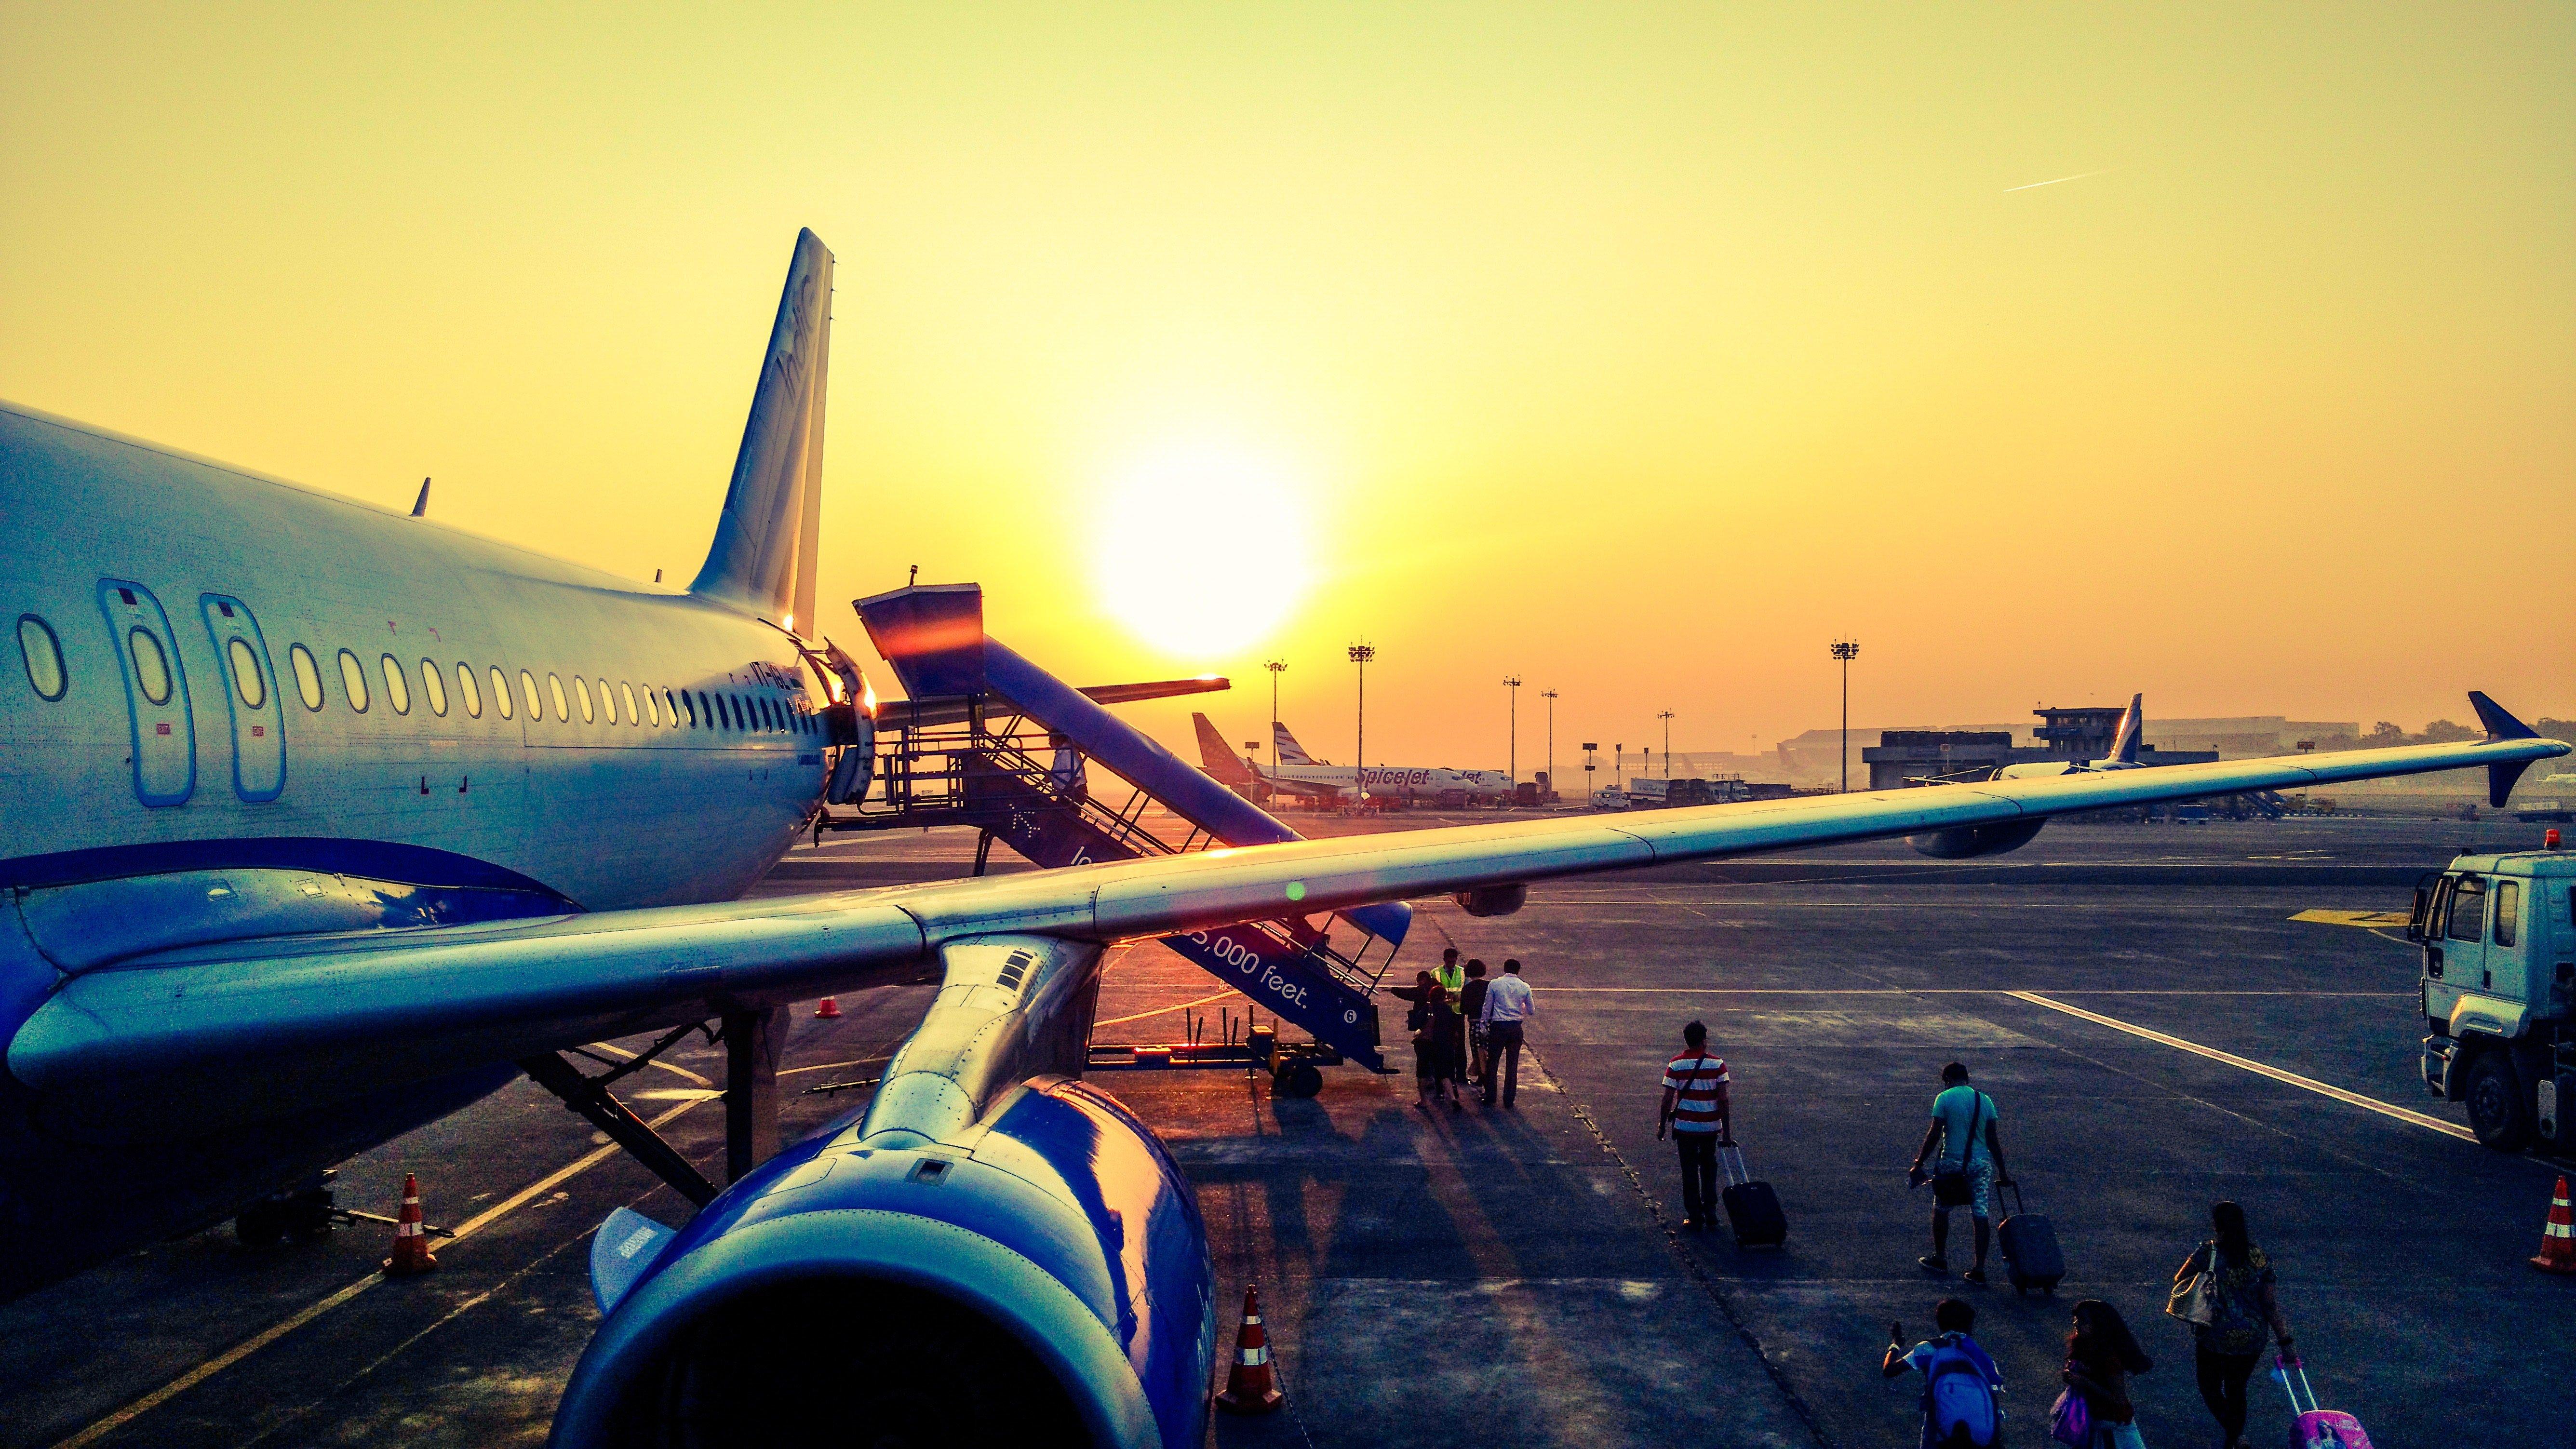 Flugzeug auf Landebahn | Quelle: Pexels